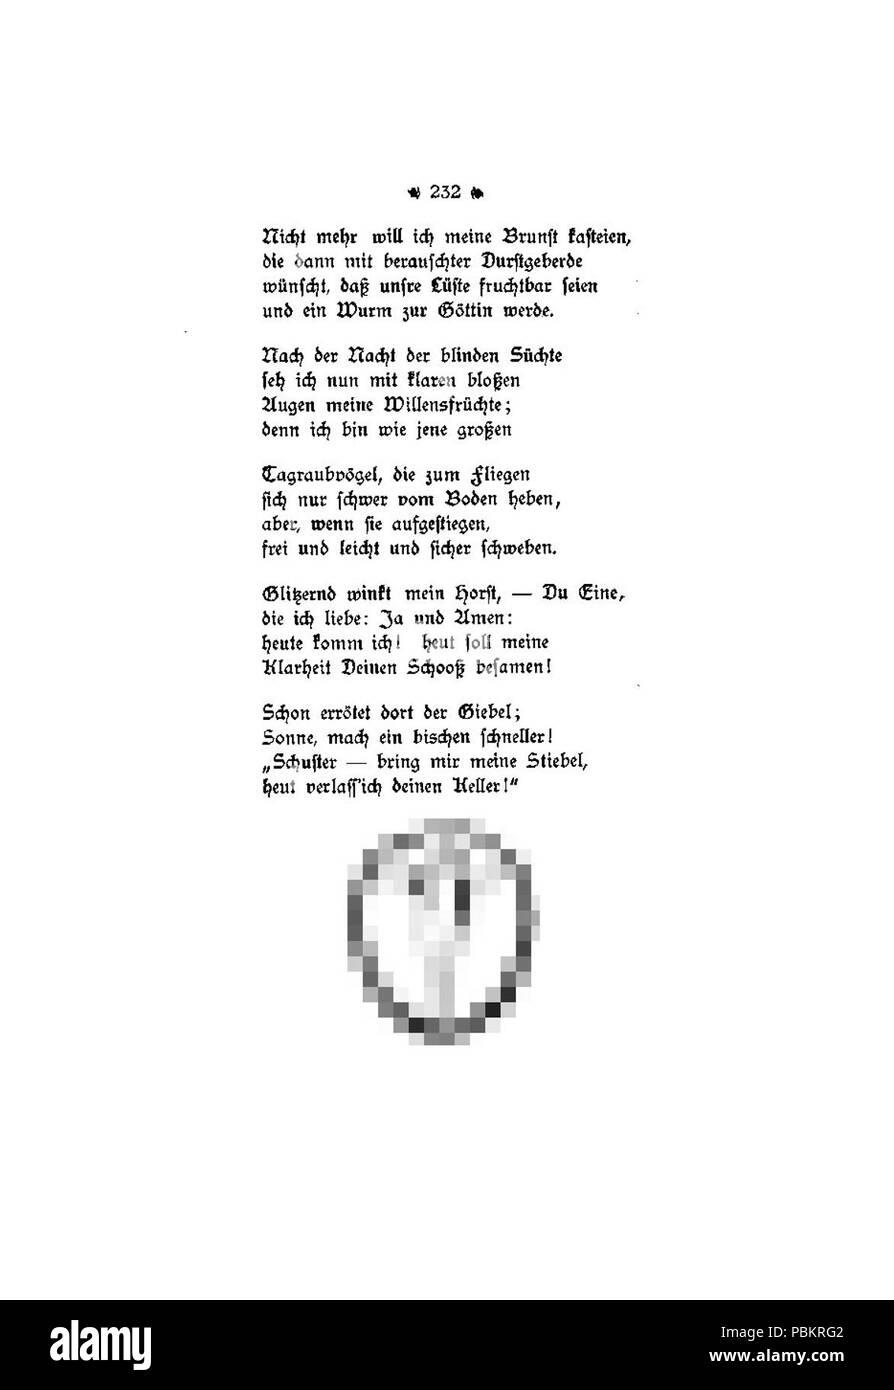 Faszinierend Heller Boden Sammlung Von Aber Die Liebe 232. - Stock Image